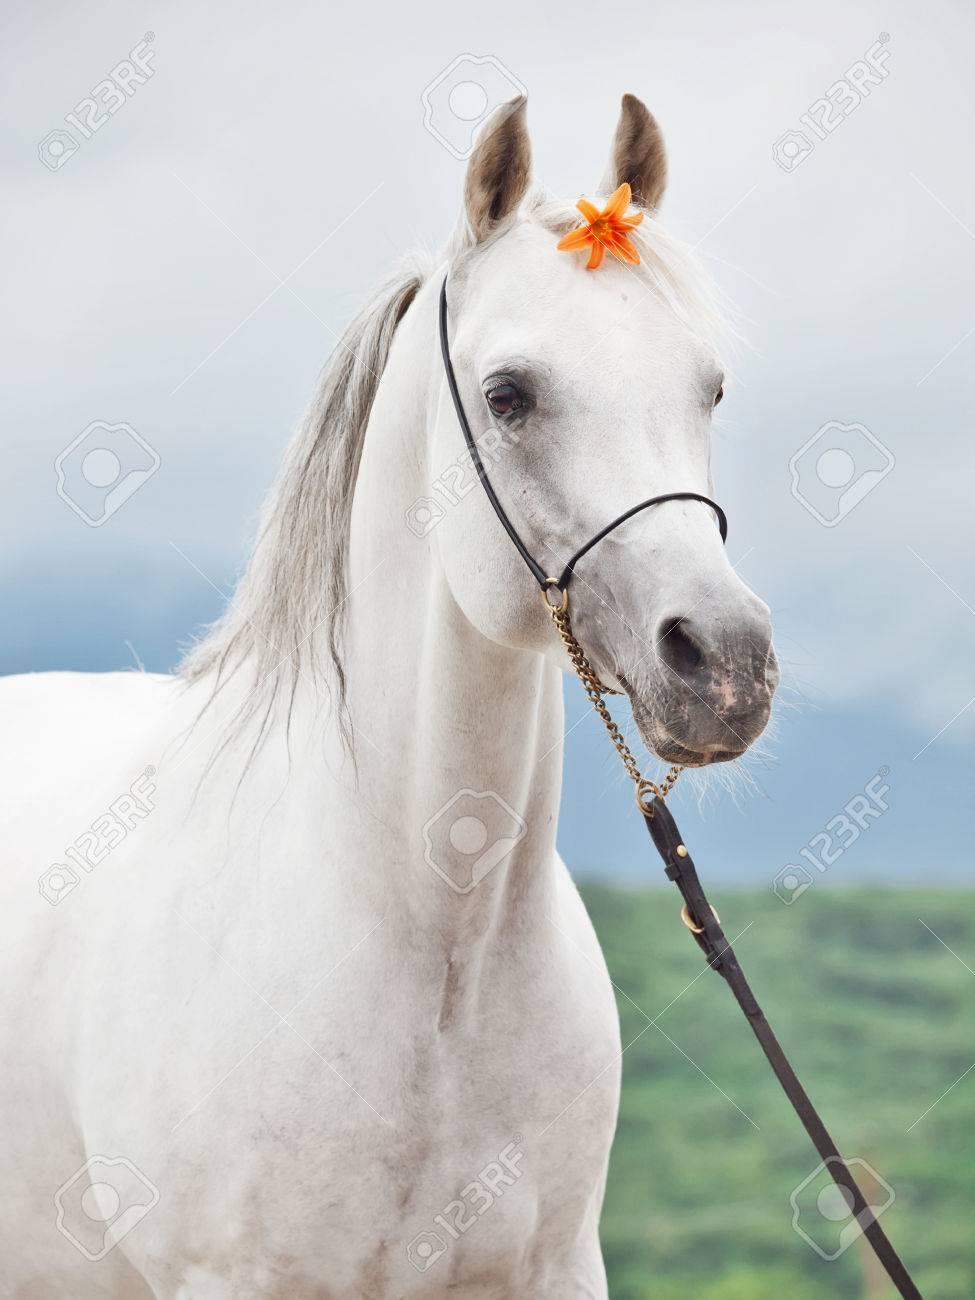 Portrait De Blanc Etonnant Etalon Arabe Avec La Fleur D Oranger